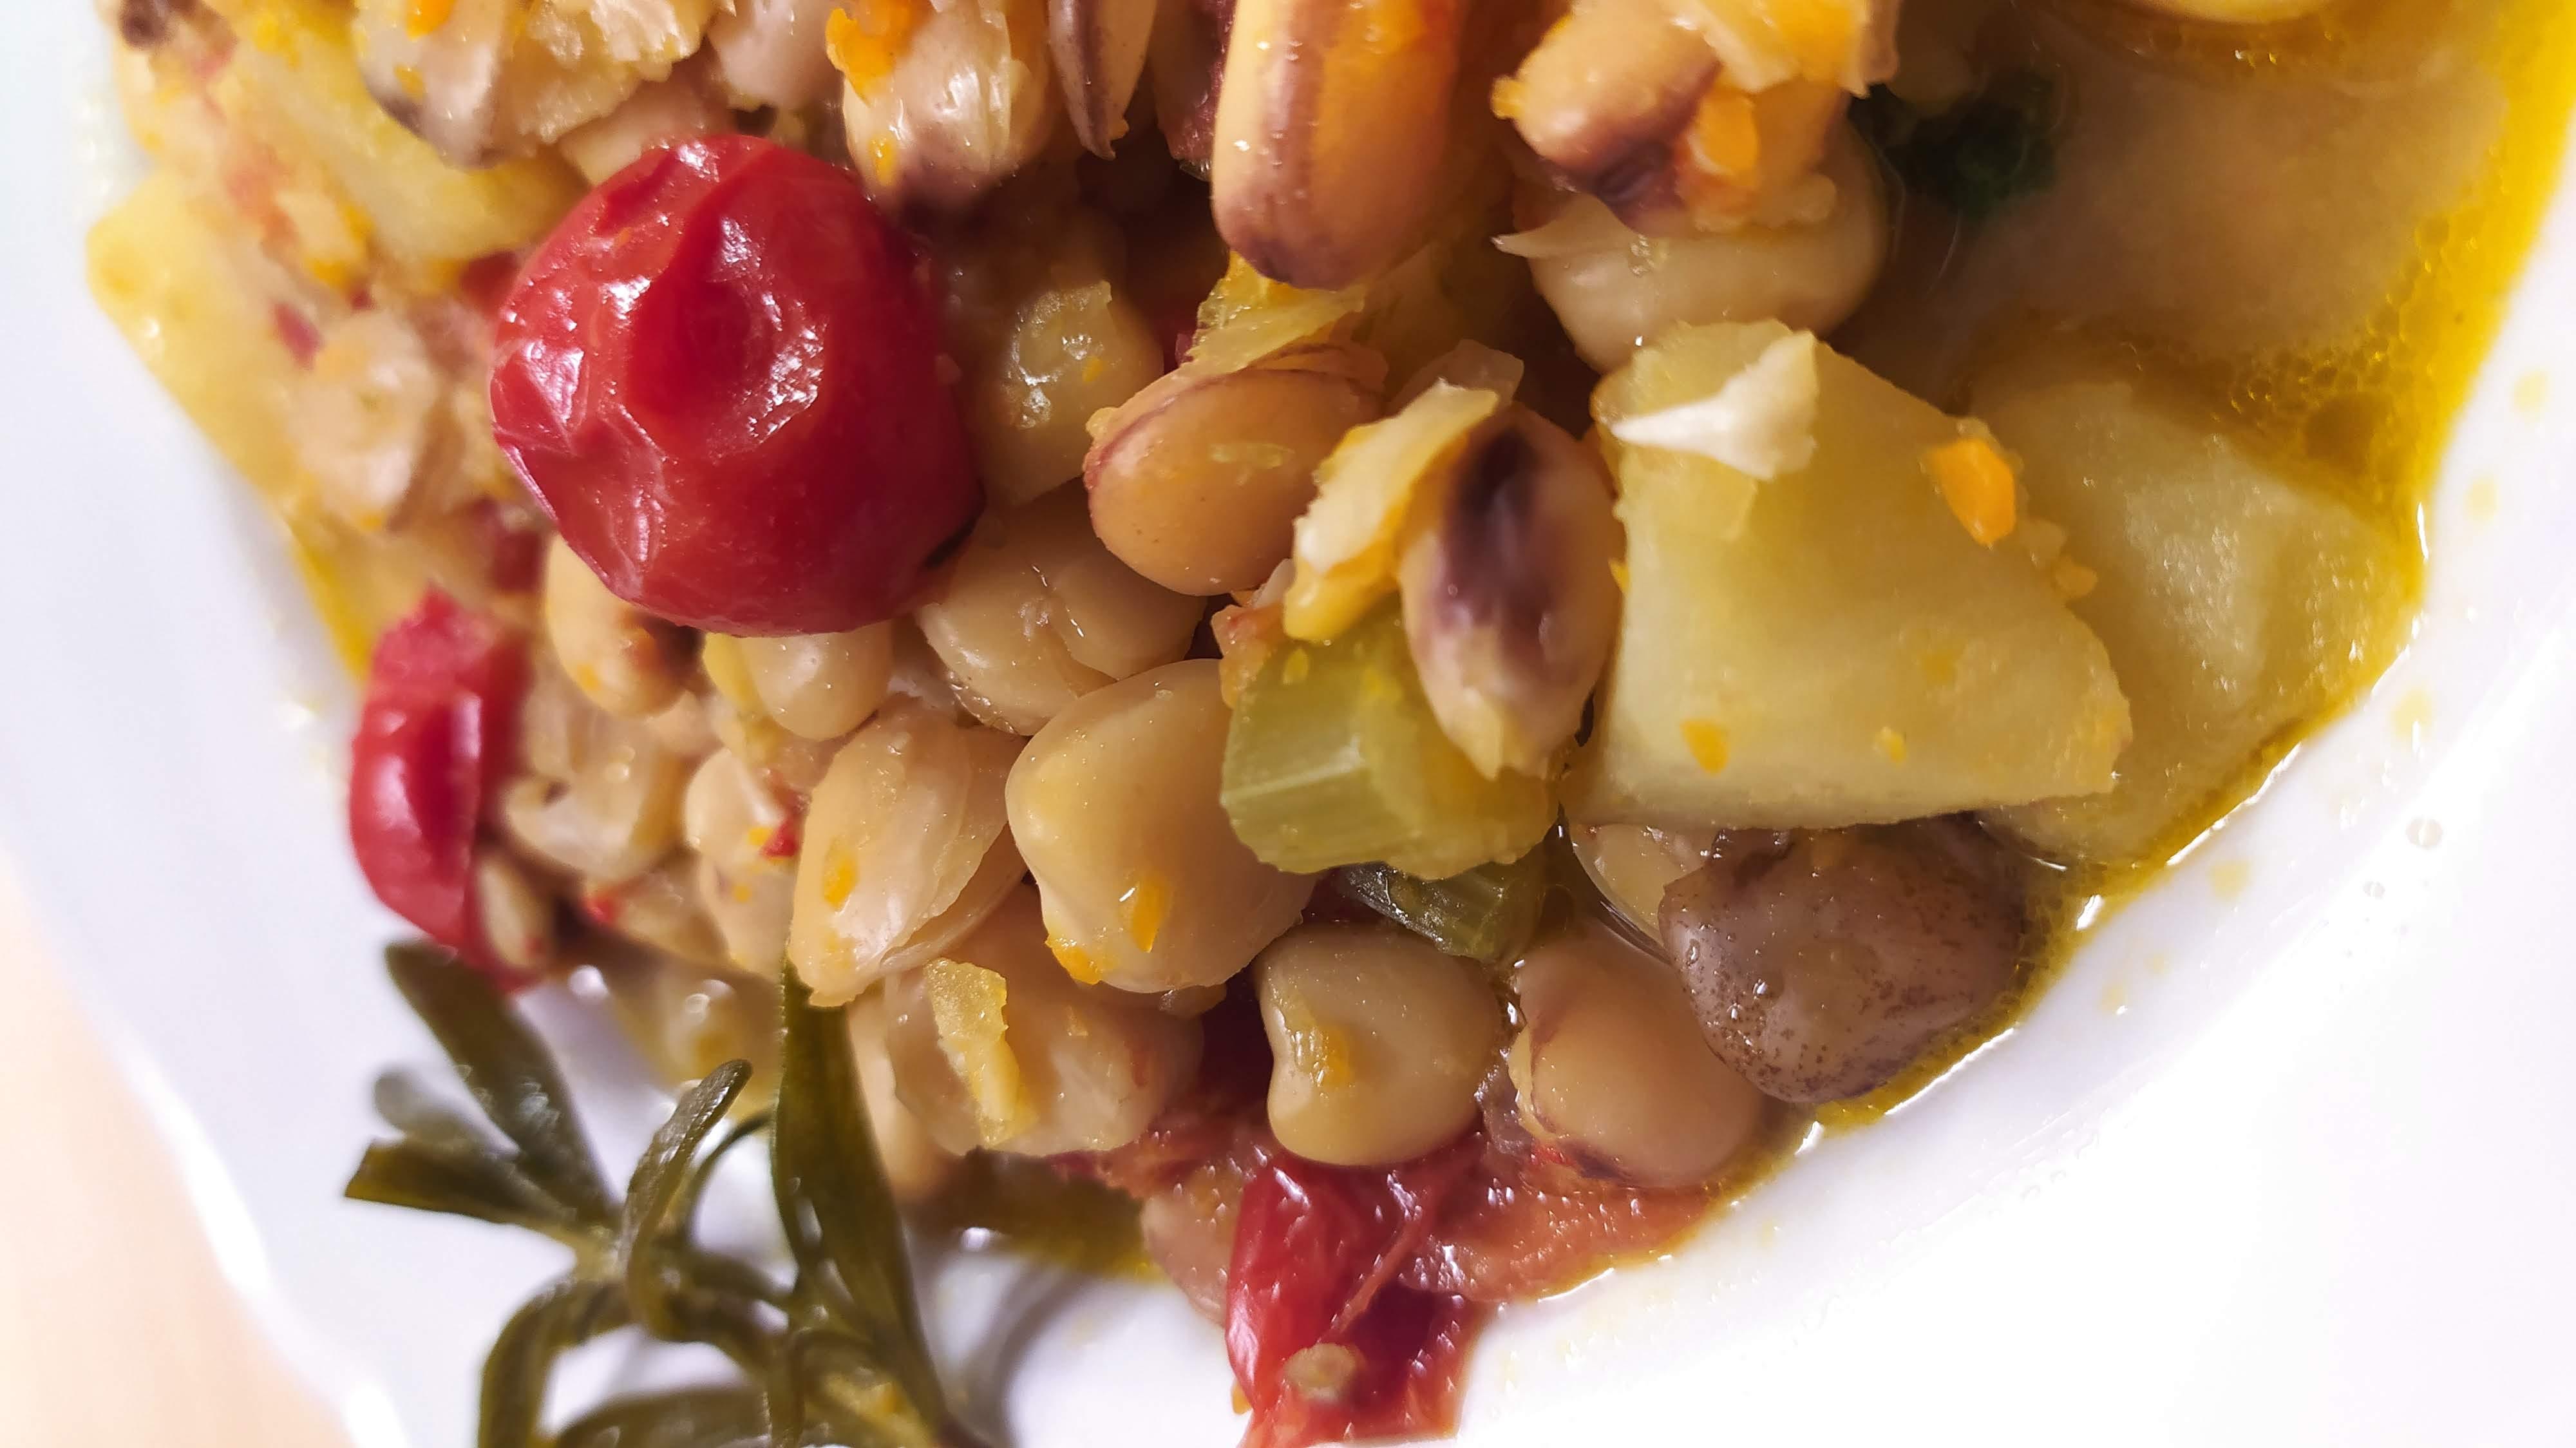 cicerchie and potato soup close up